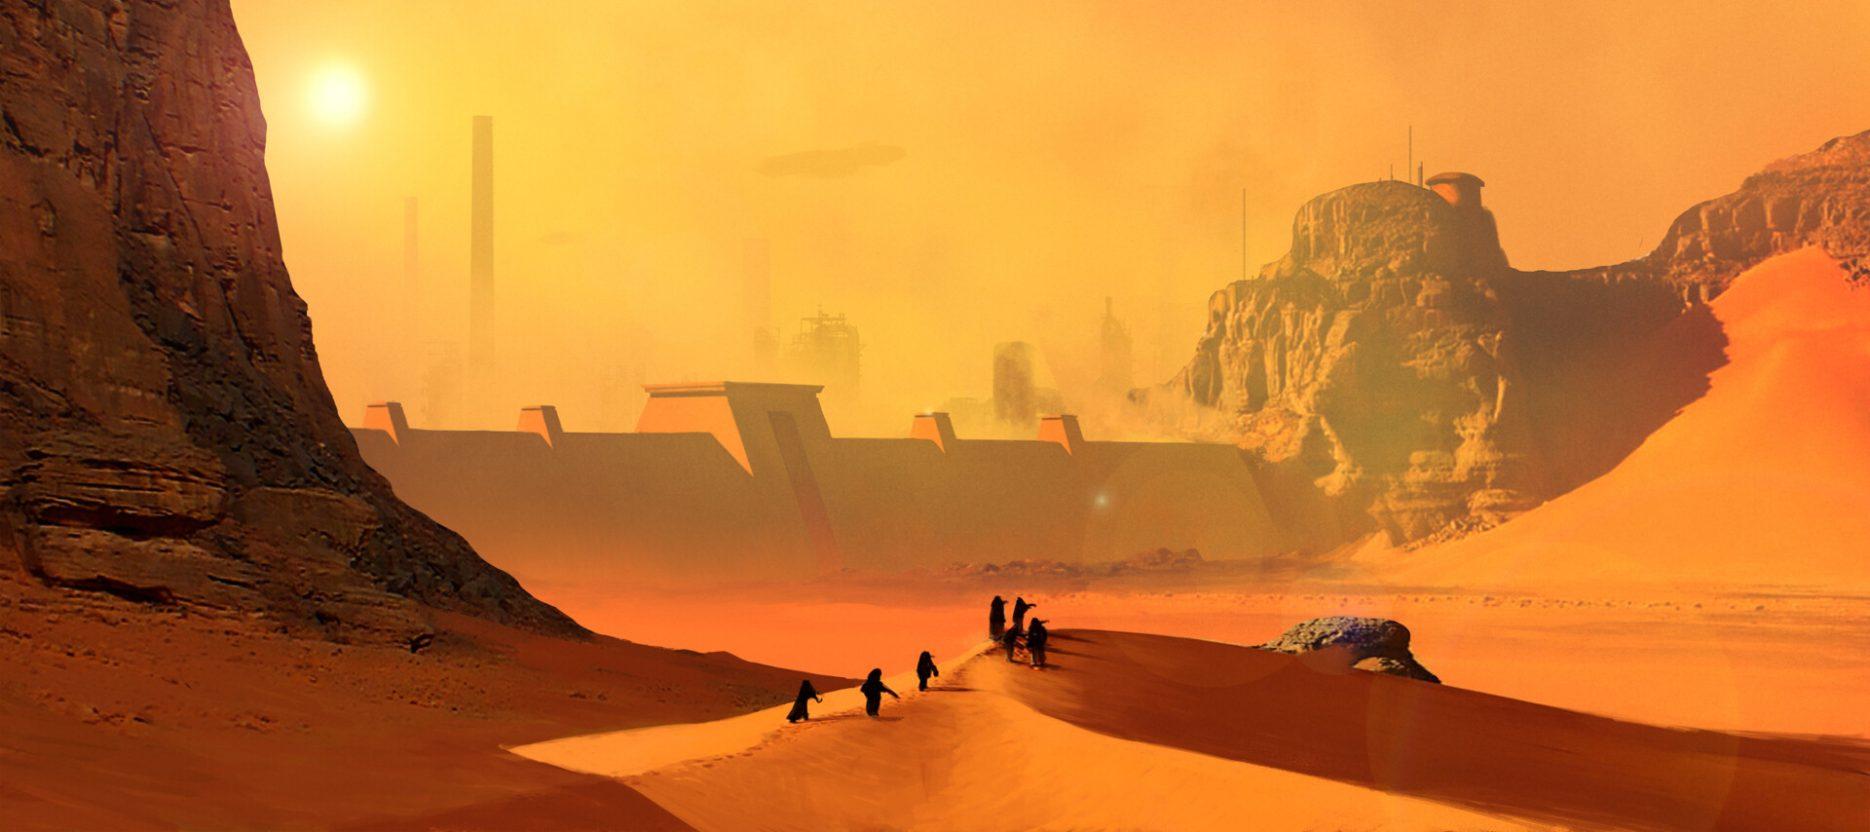 Dune, Die Ordensburg des Wüstenplaneten (1985)